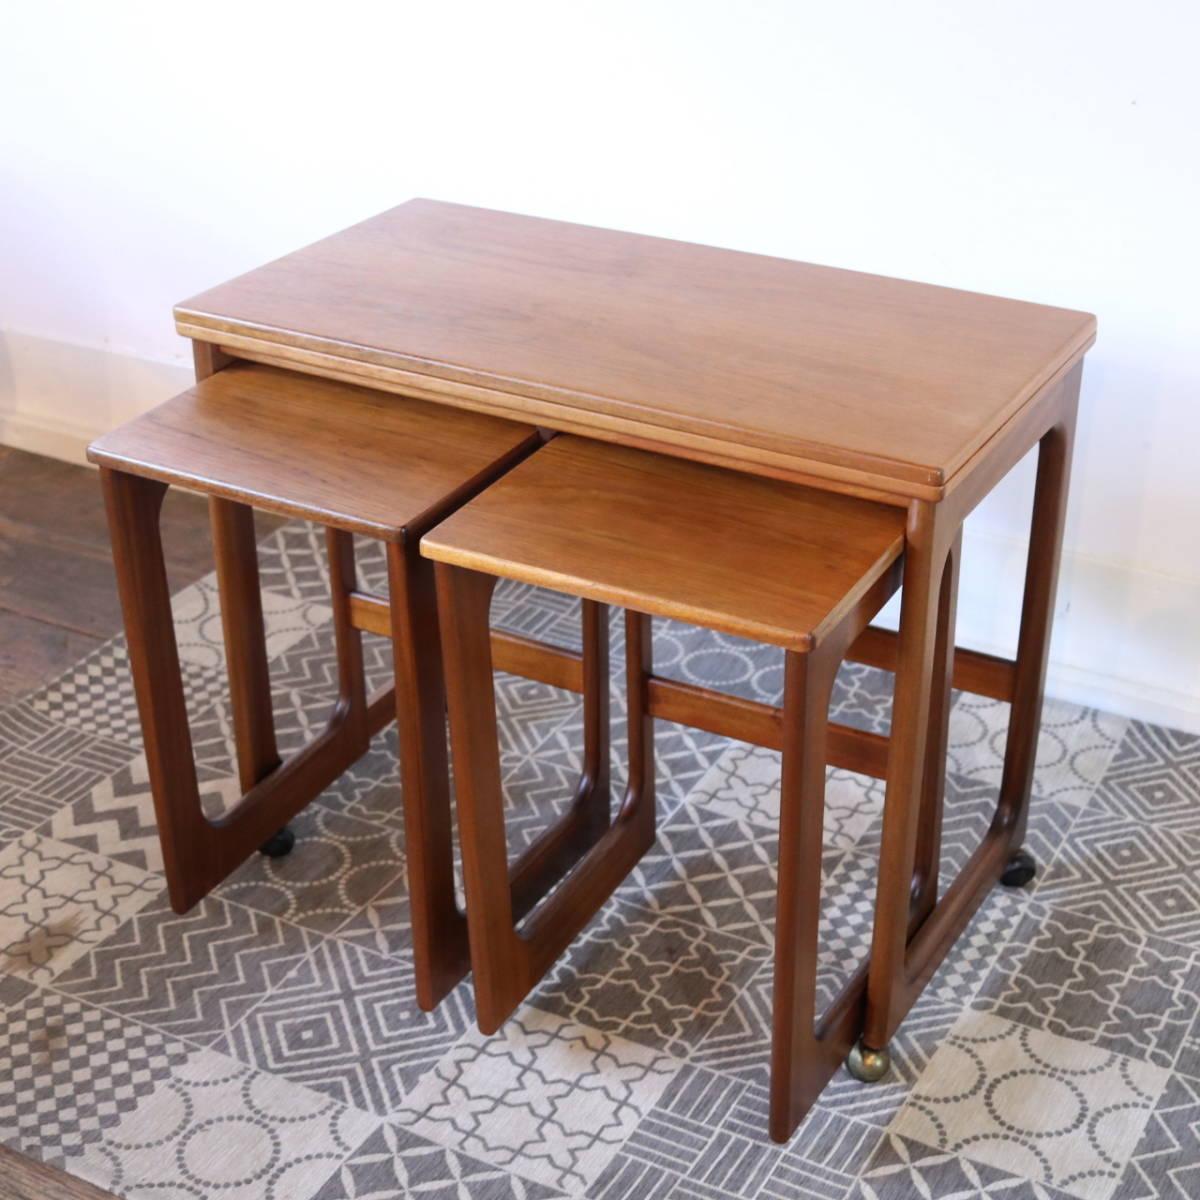 【天板剥離・再塗装メンテ済】イギリス McINTOSH社製 ビンテージ ネストテーブル/ERCOL G-PLAN アンティーク コーヒーテーブル 北欧_画像4